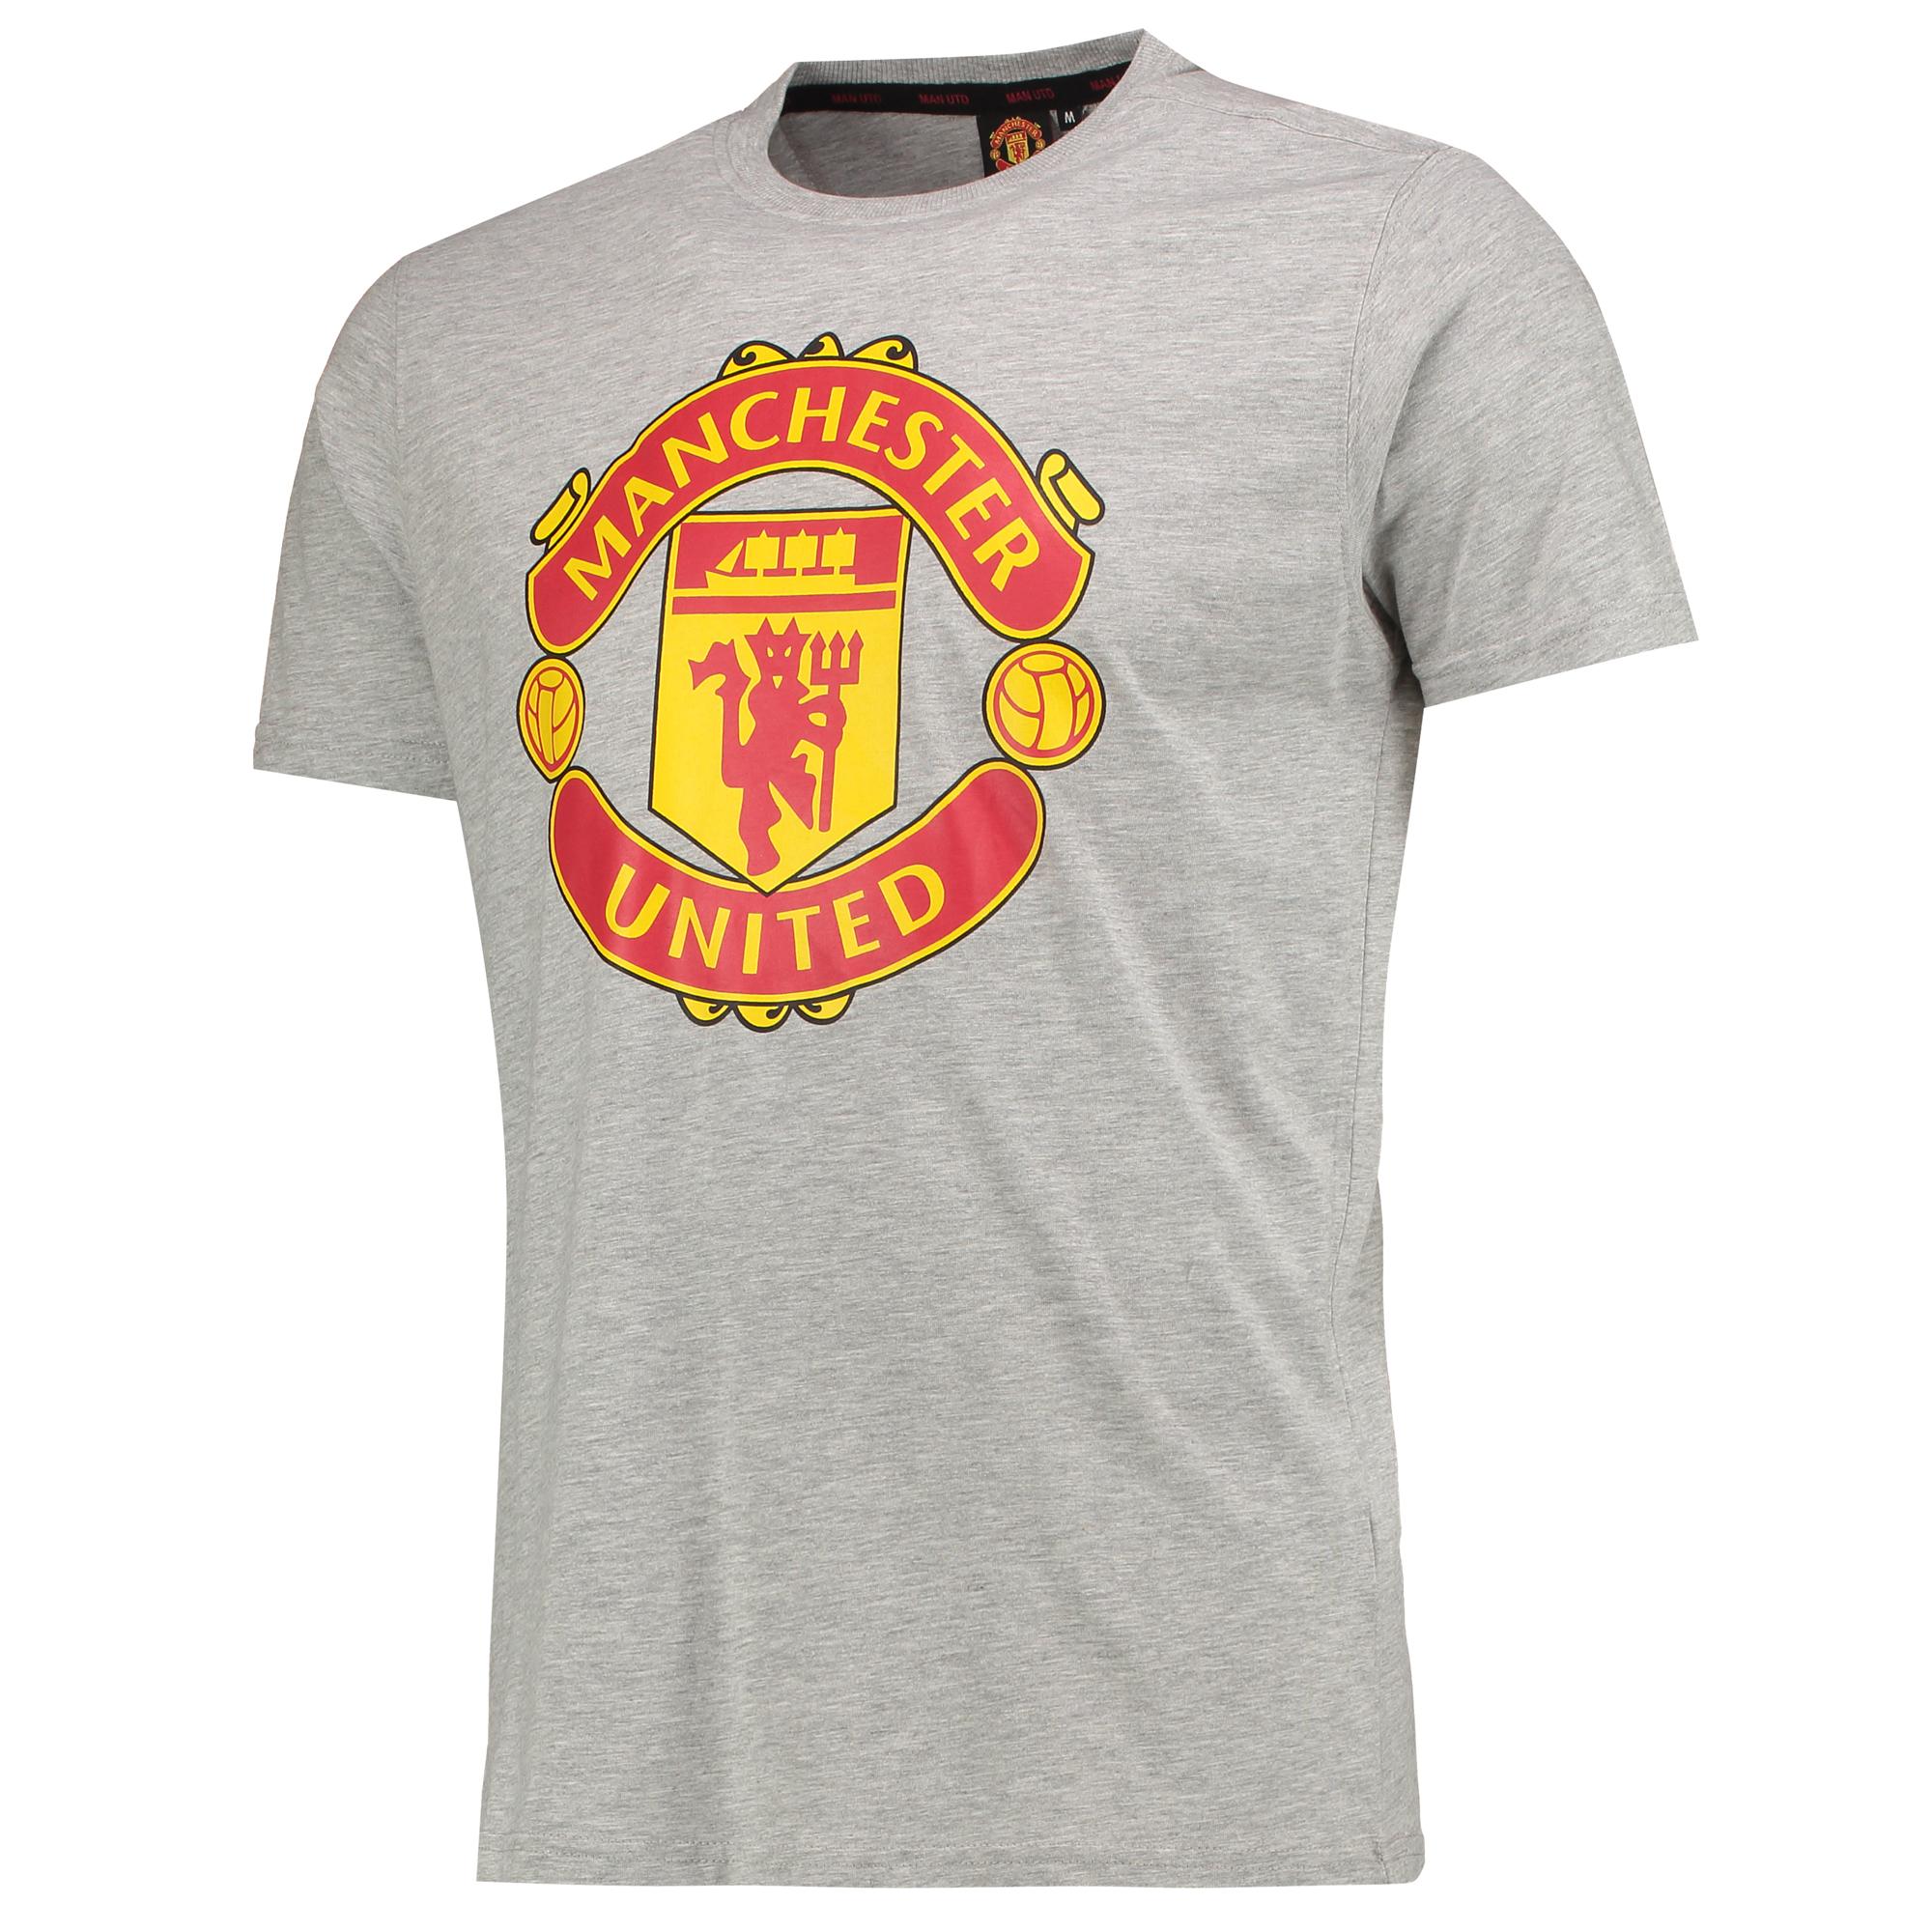 Tee-shirt avec écusson Manchester United Core - Gris chiné - Homme